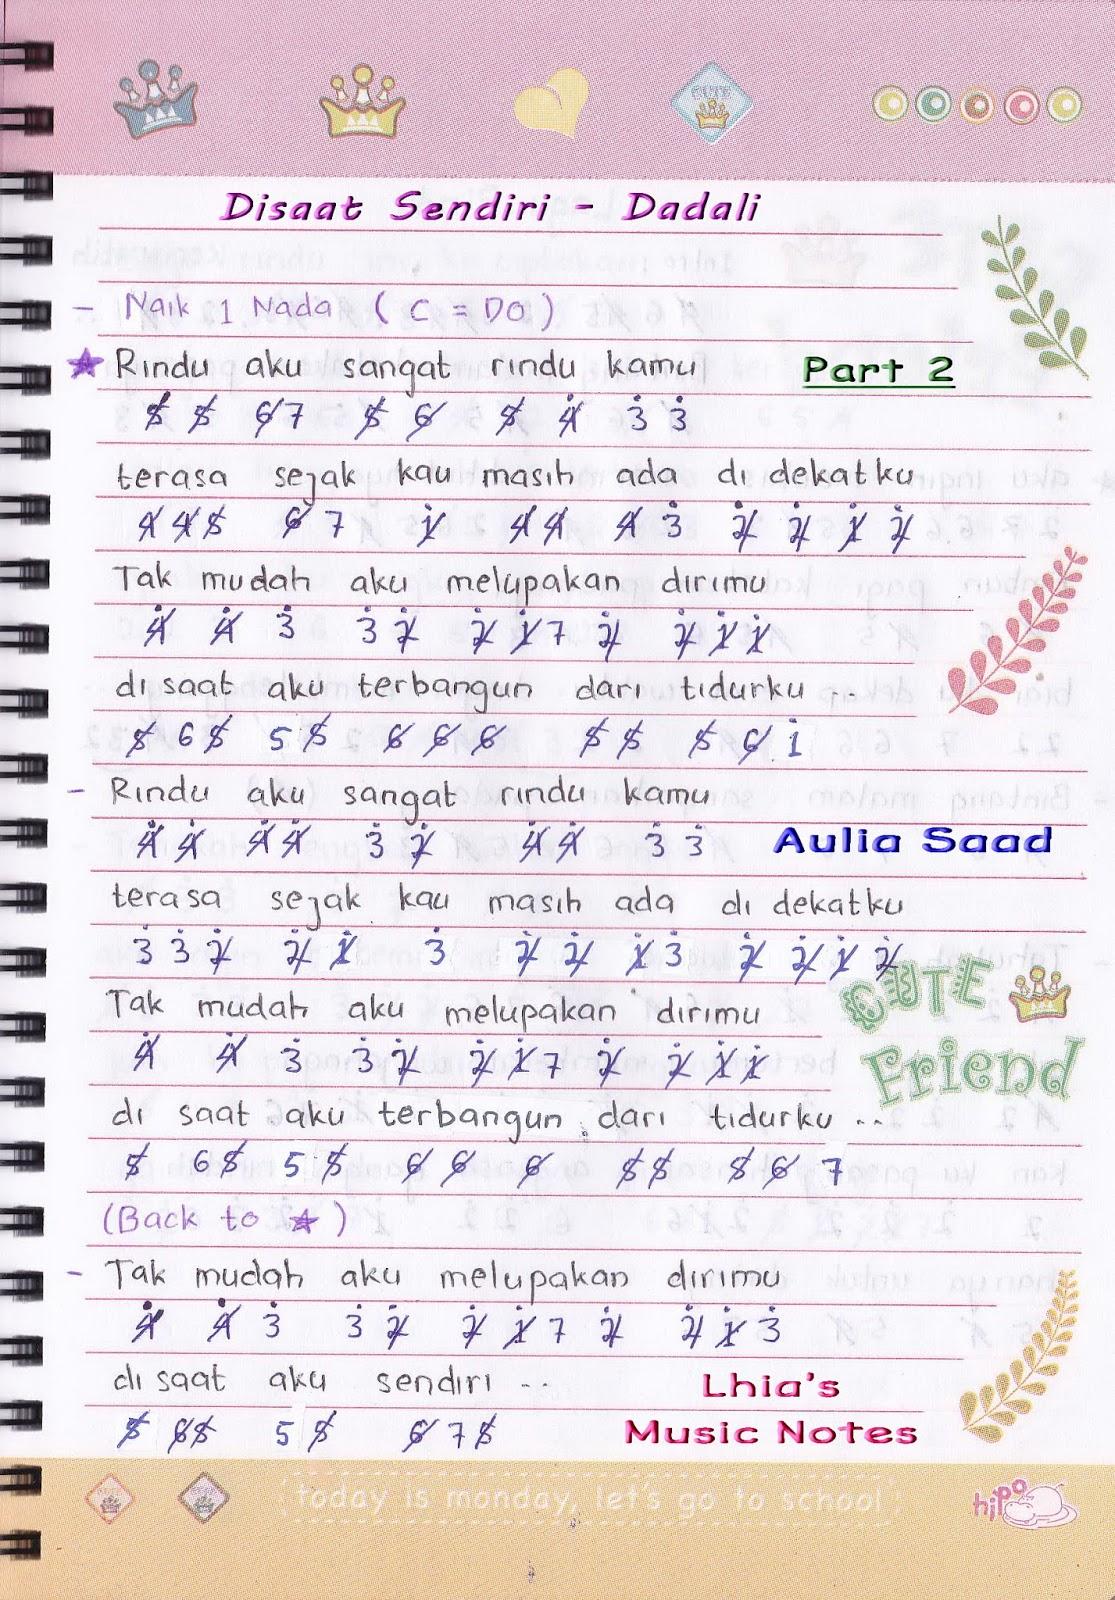 Dadali - Disaat Sendiri (Part 1 & 2)